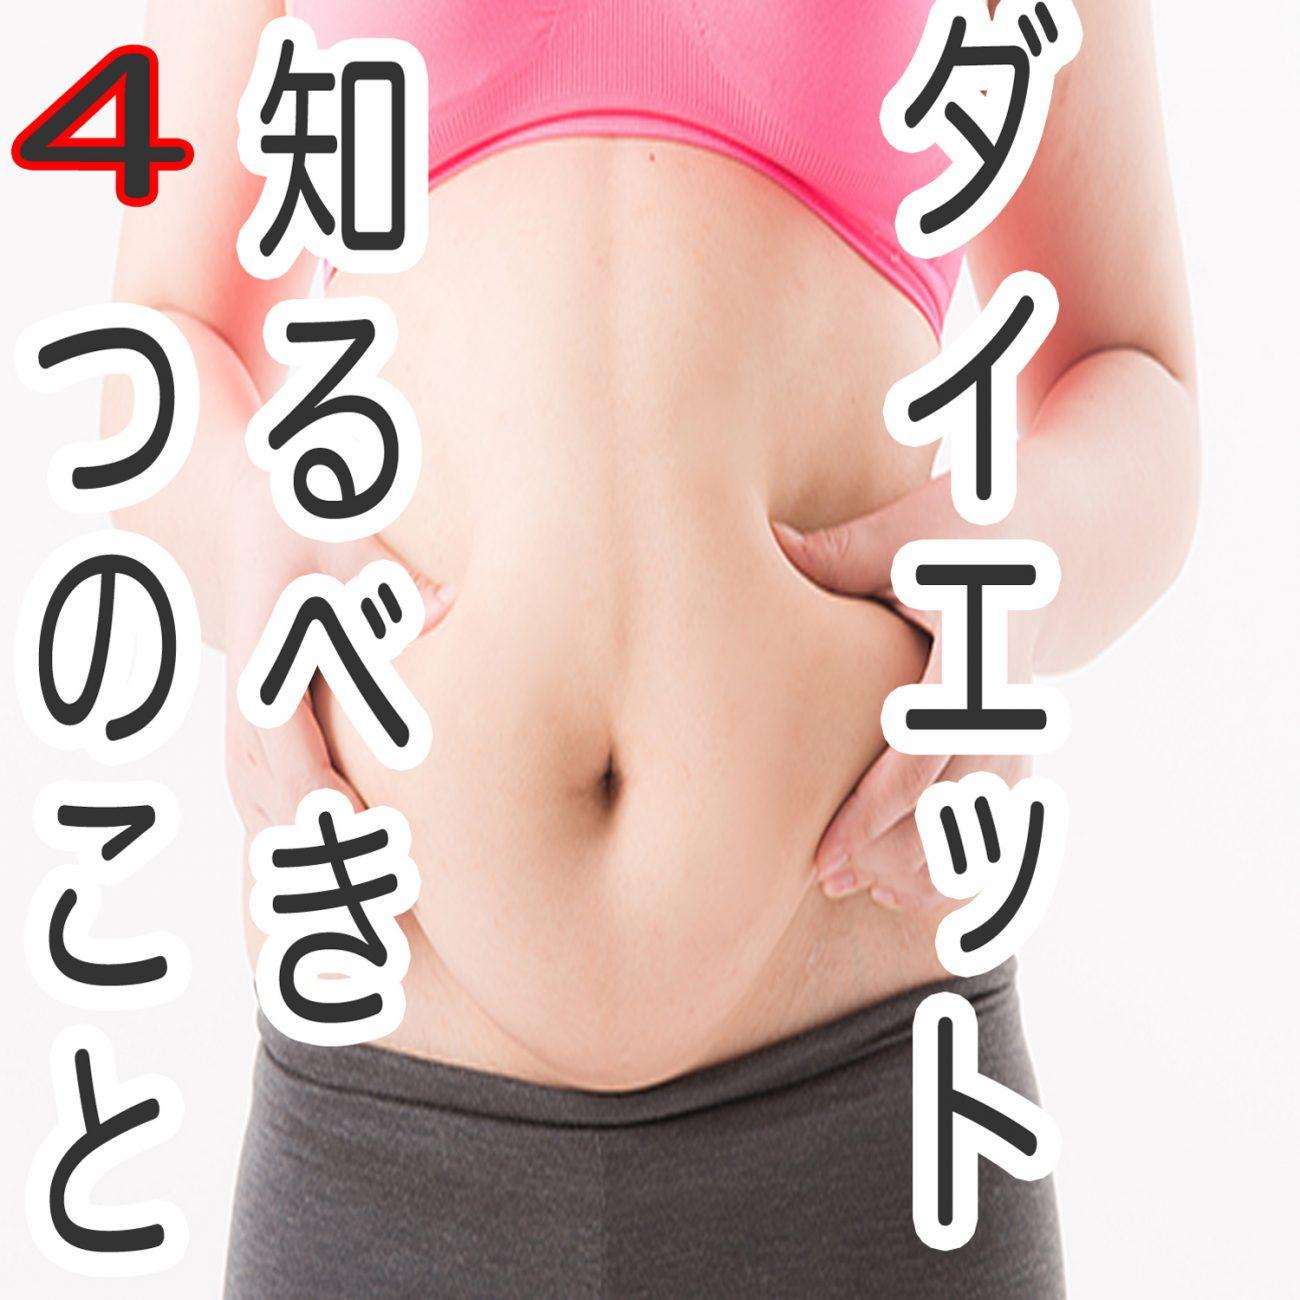 【ダイエット】効率的に痩せるために知っておくべき4つのこと